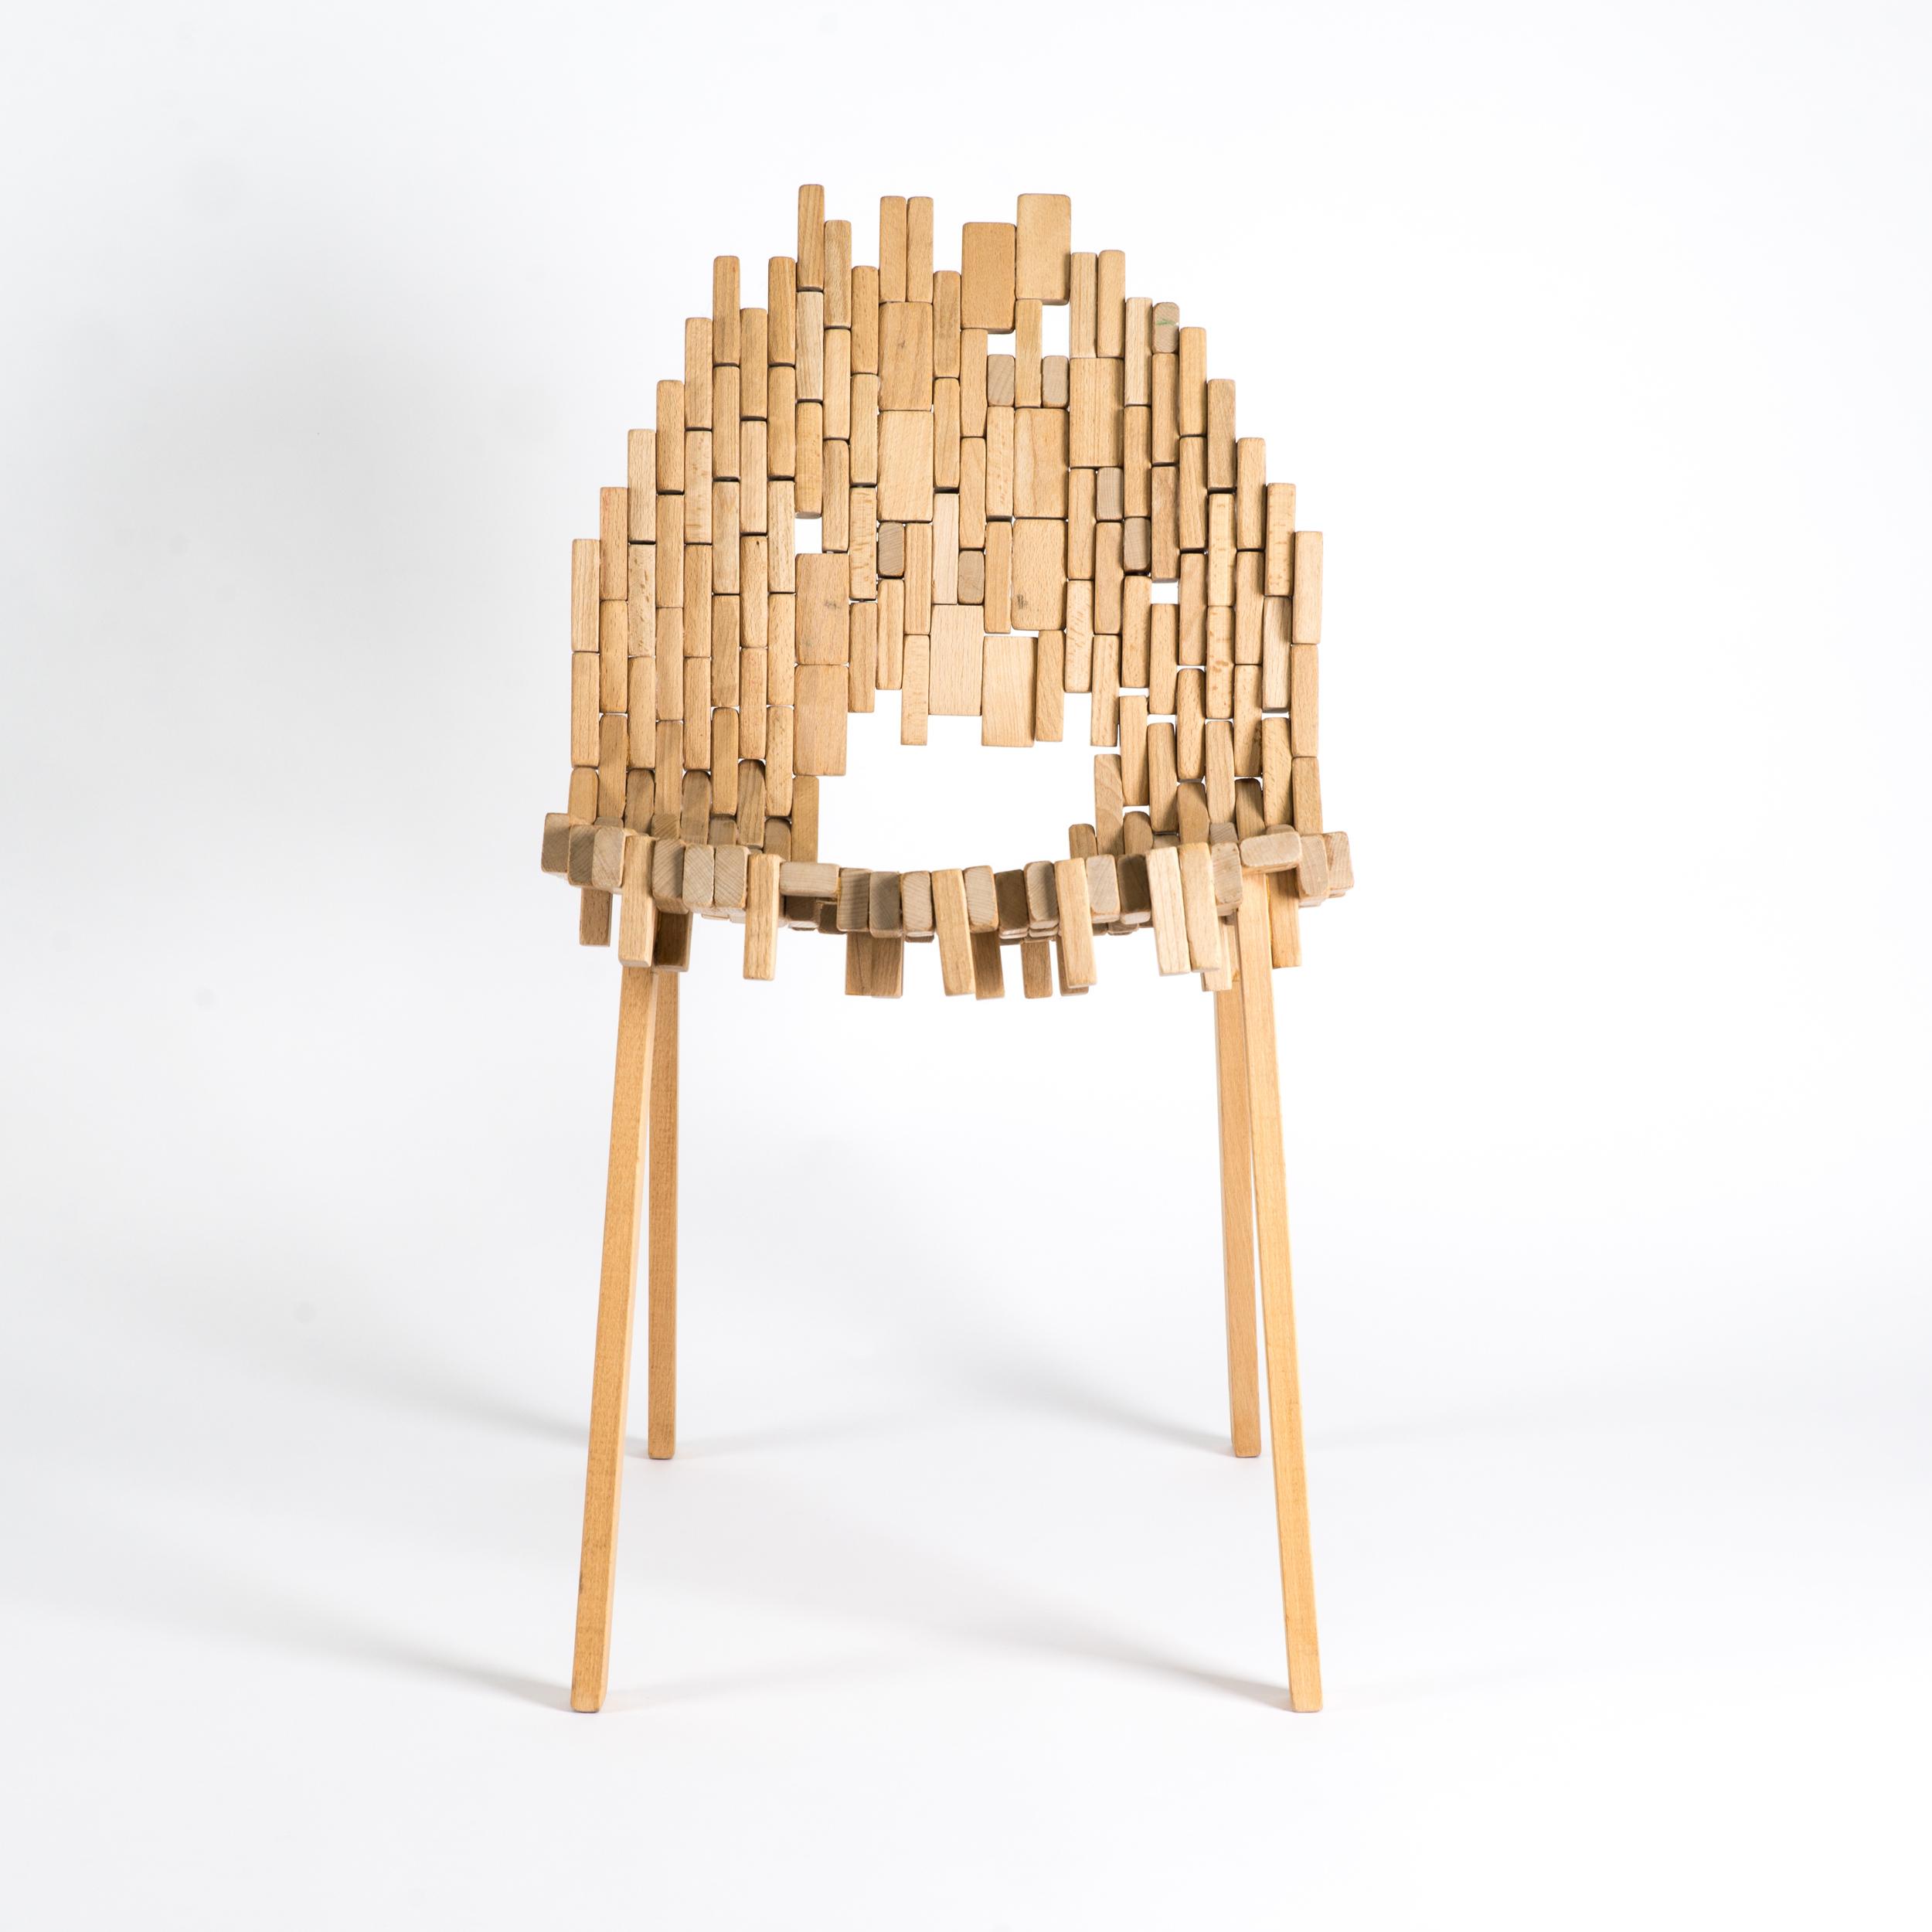 Bricks-chair-03.jpg